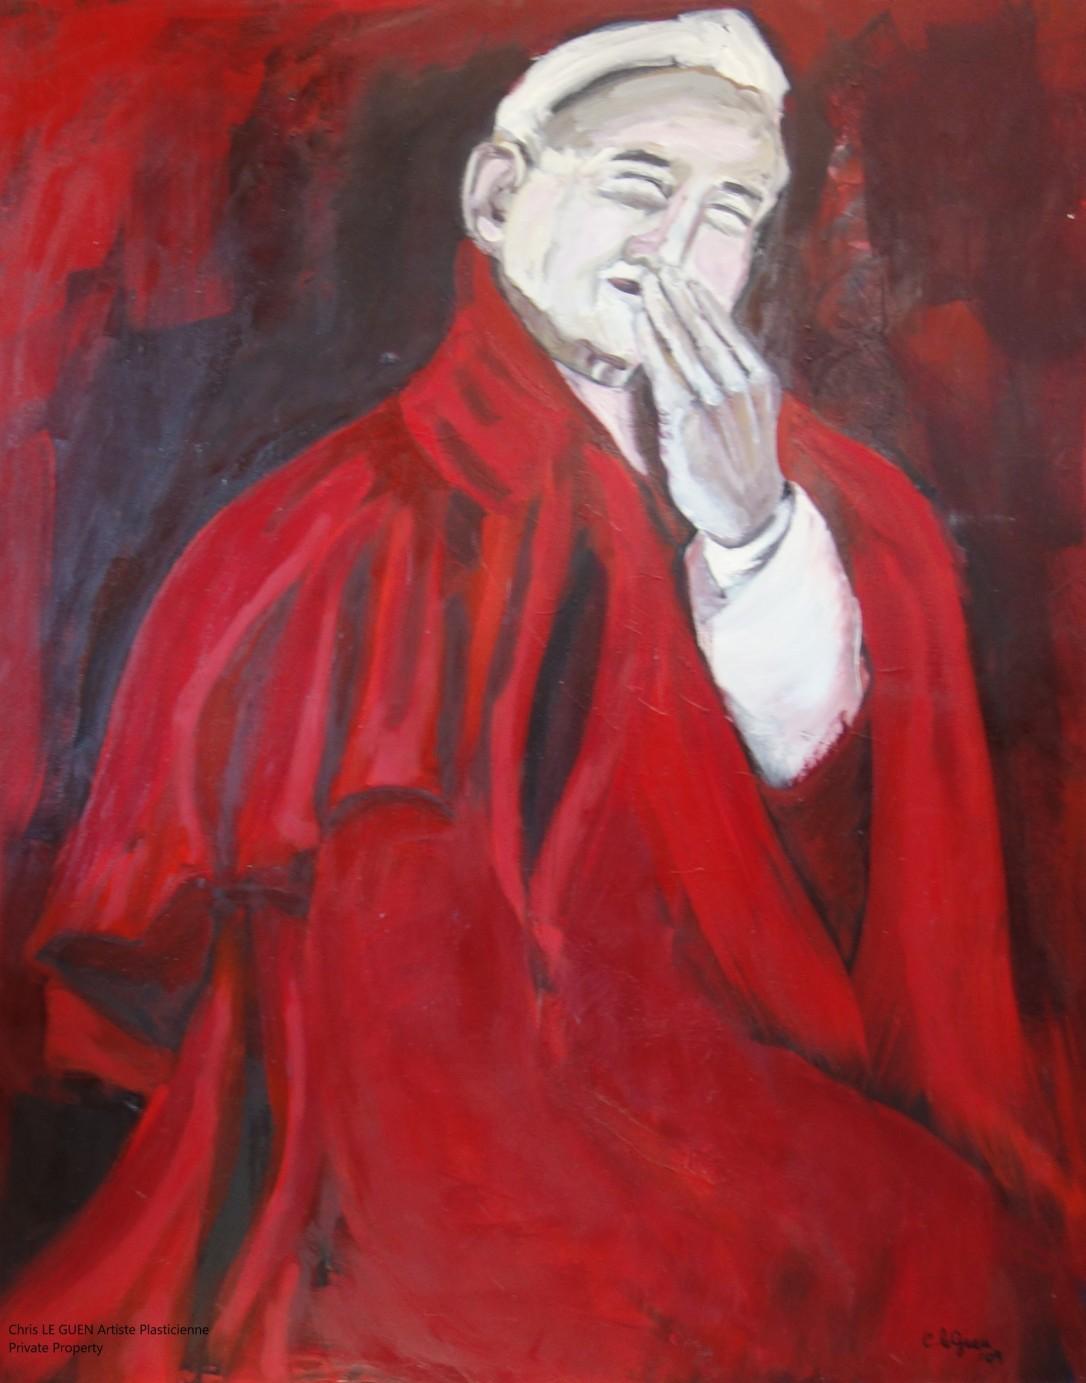 Chris Le Guen Artiste Plasticienne Peintre et Sculptrice a peint Lauphing Pope N°1